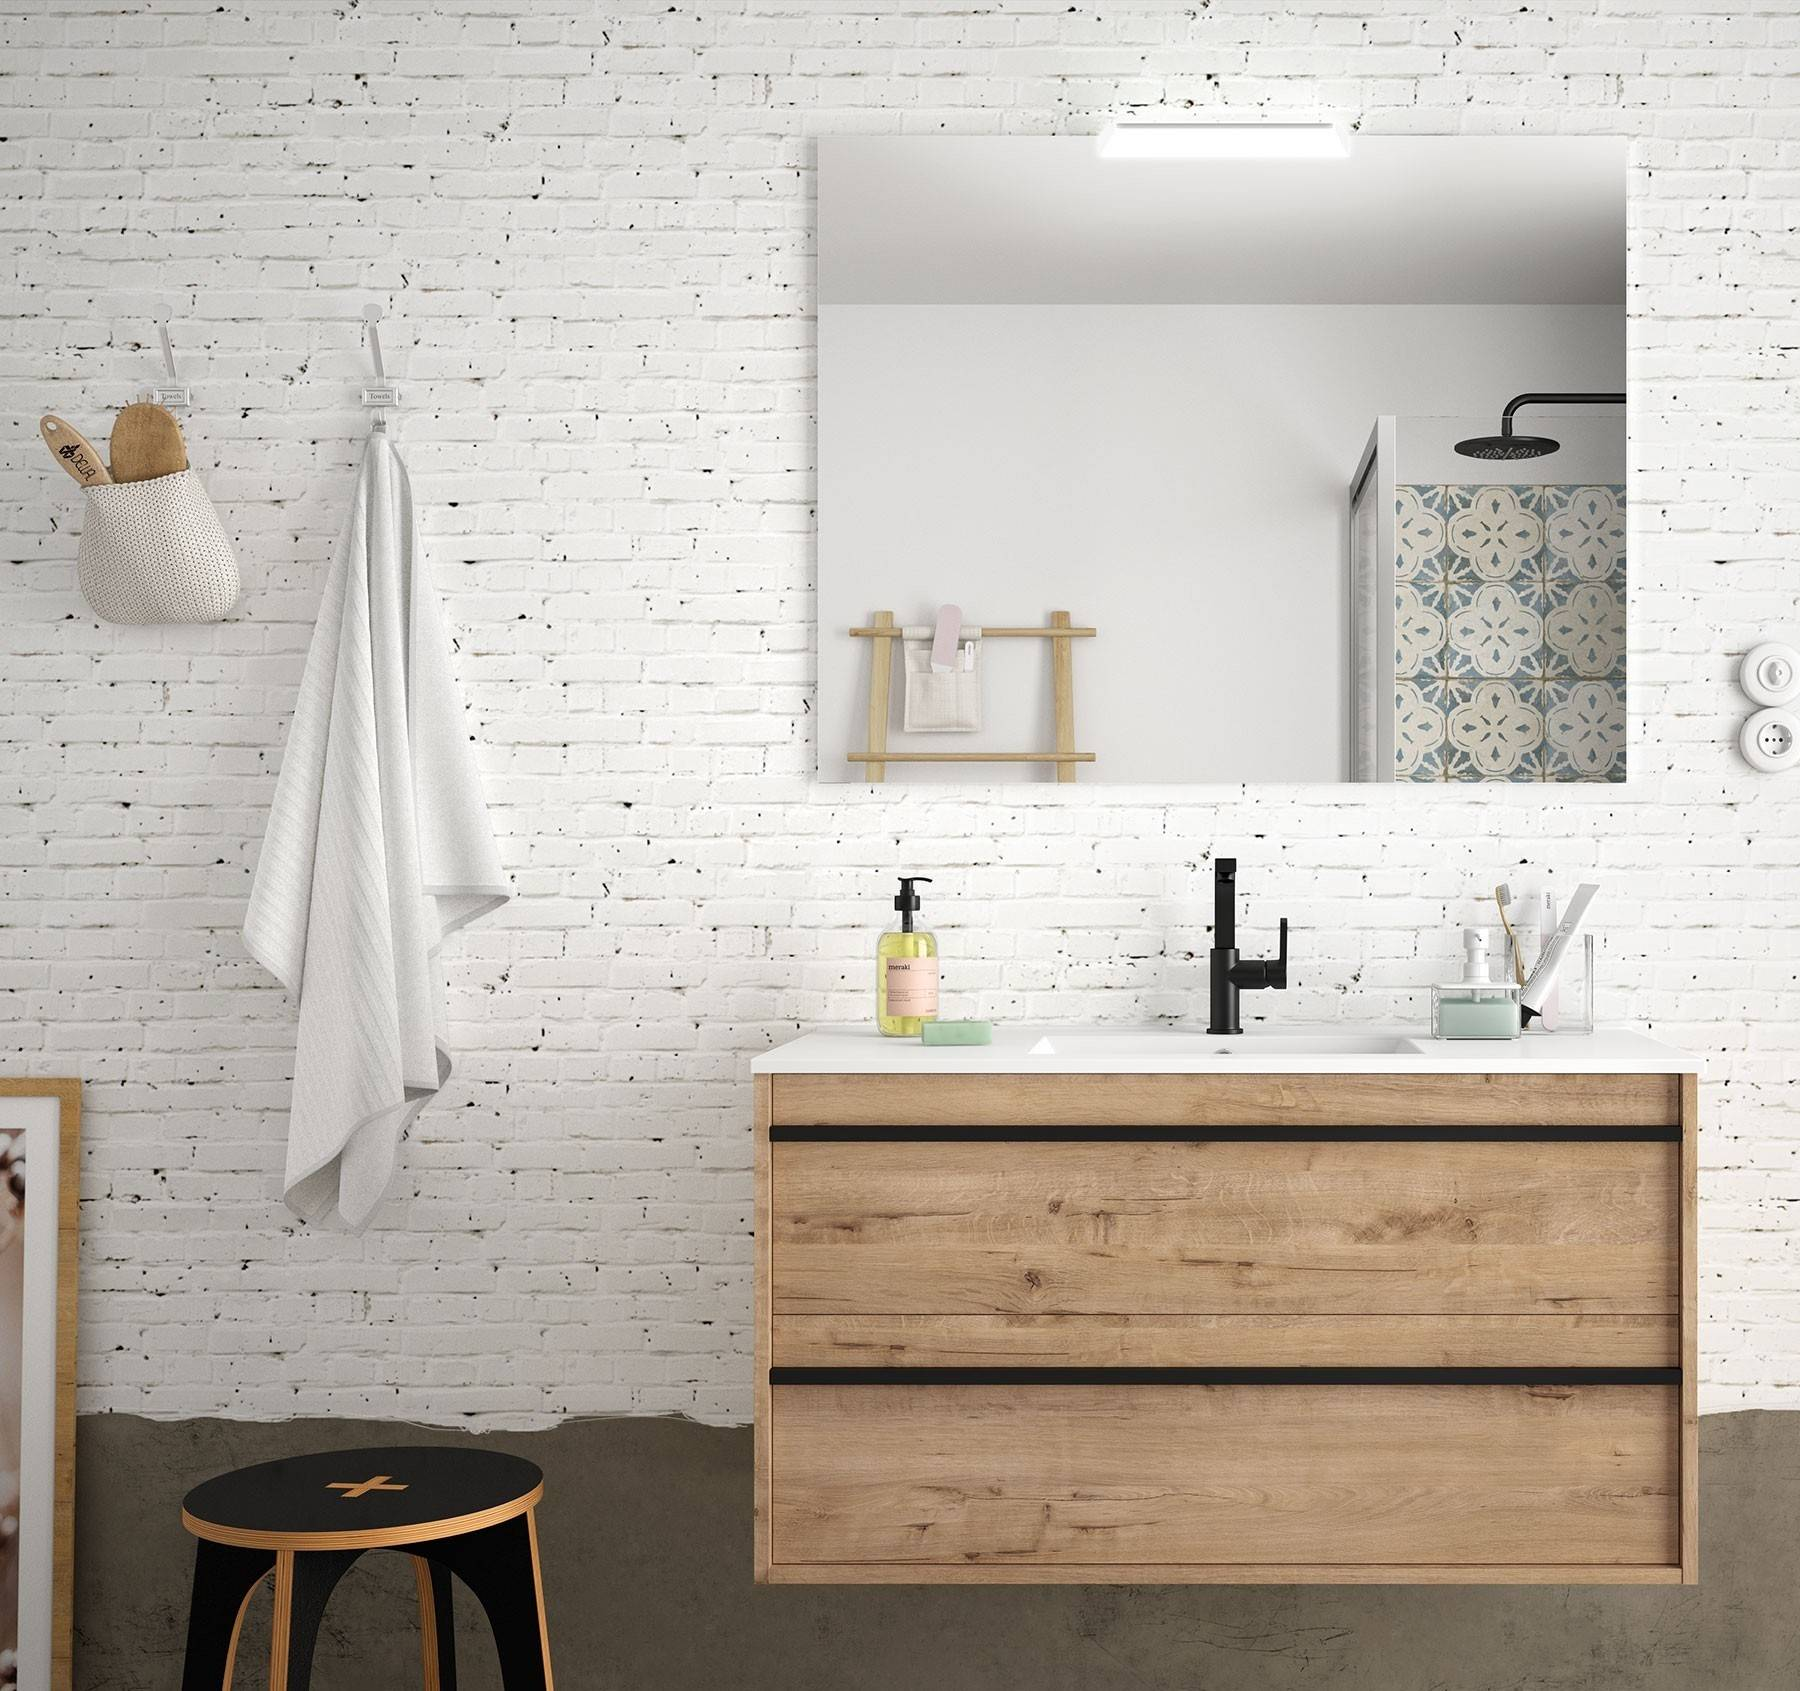 CAESAROO Meuble de salle de bain suspendu 100 cm Nevada en bois couleur chêne ostippo avec lavabo en porcelaine   100 cm - Avec double colonne, miroir et lampe à LED